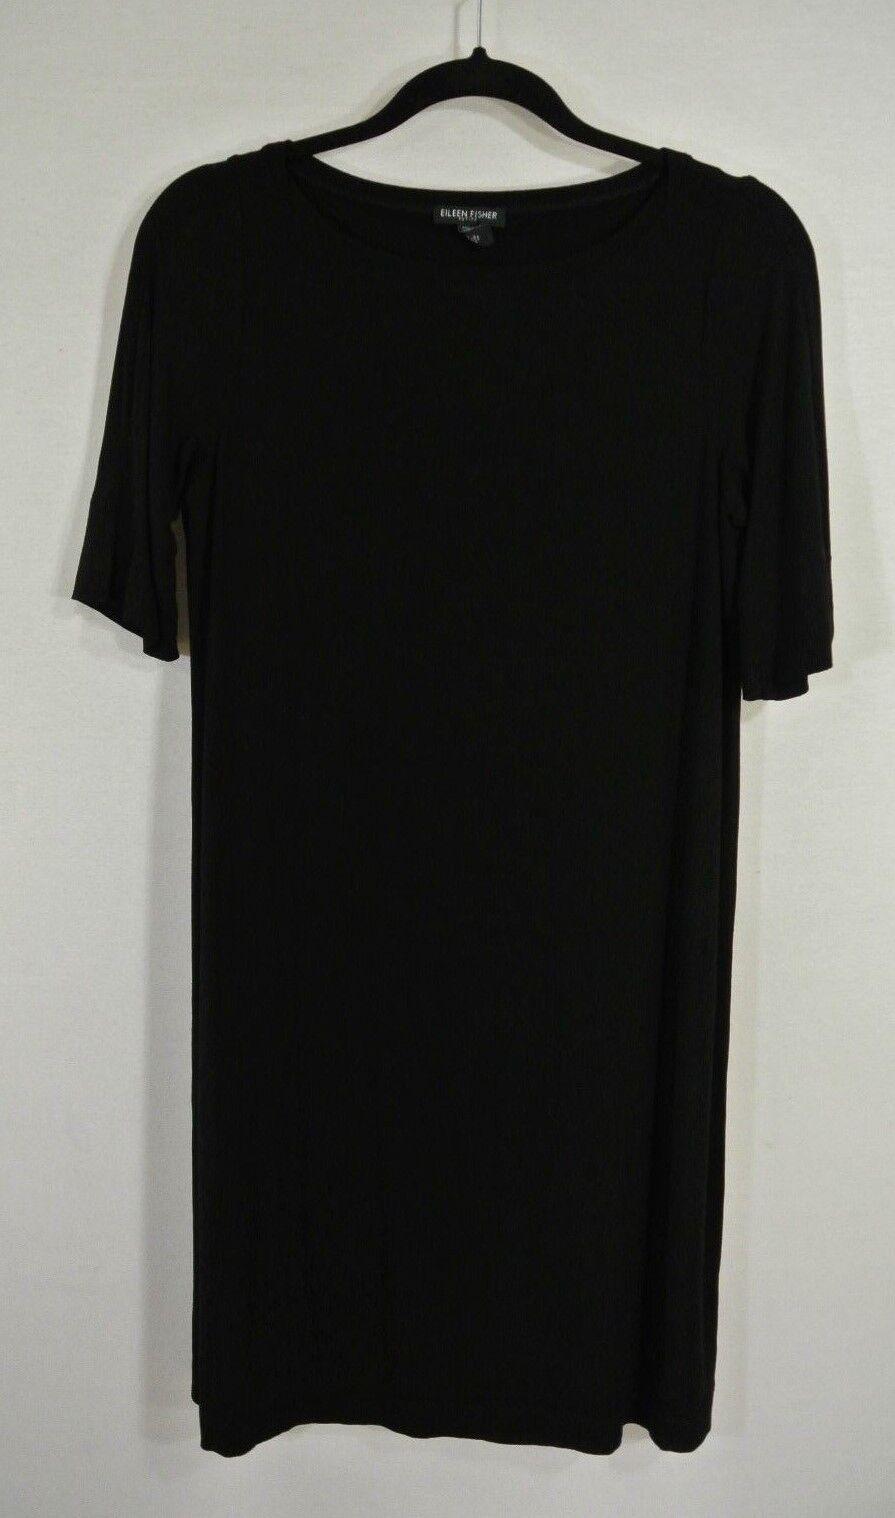 NEW Eileen Fisher Jersey Dress in schwarz - Größe PM